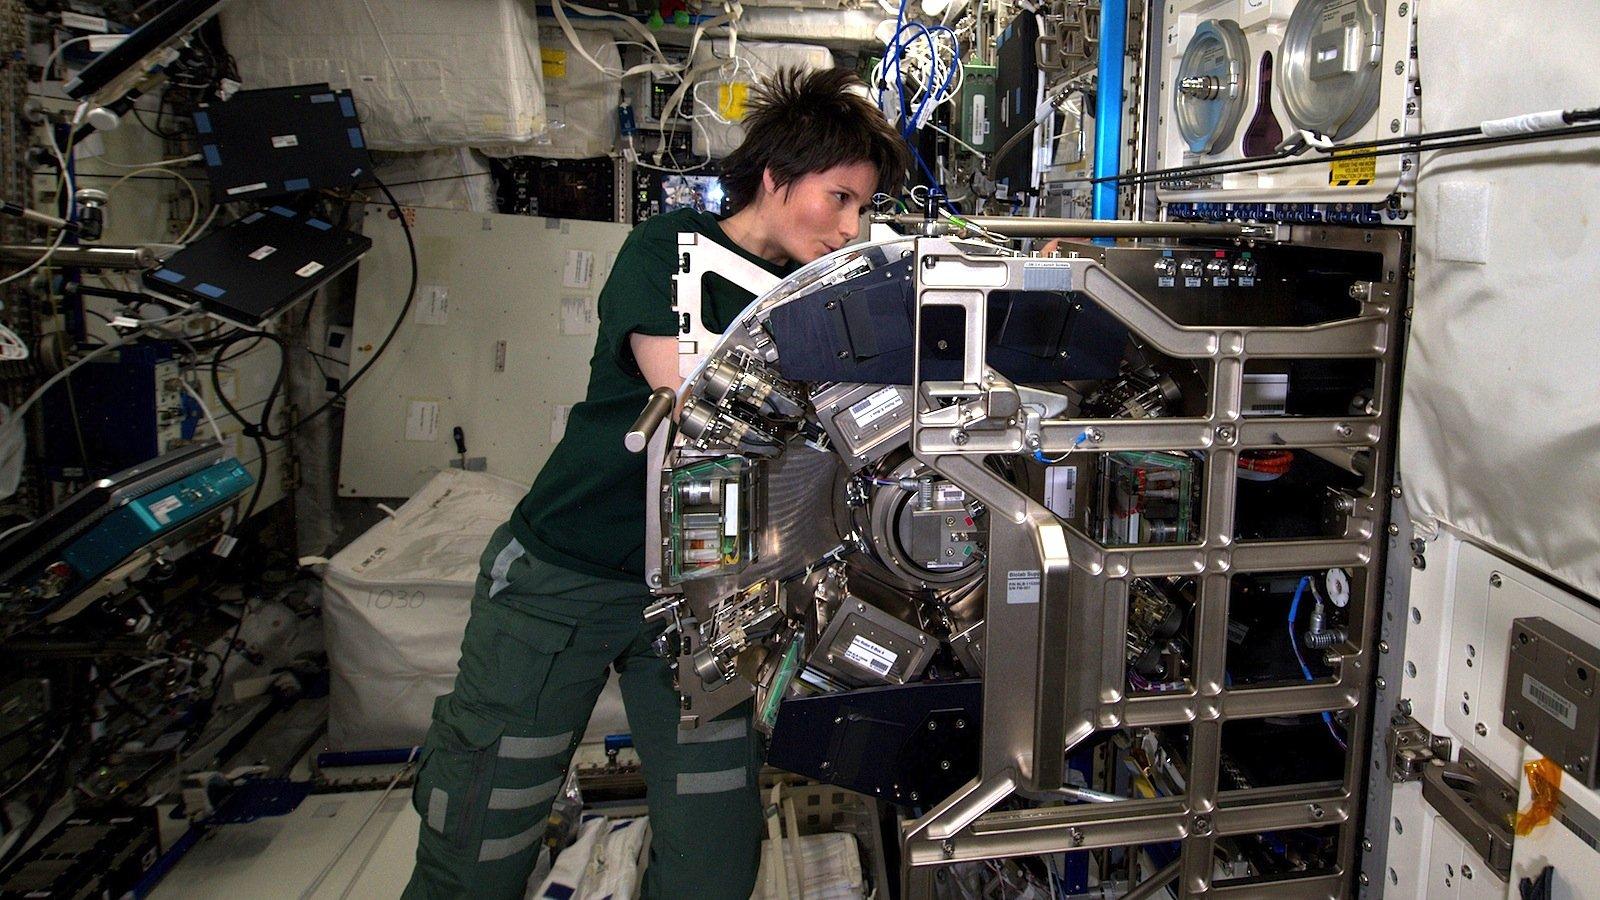 Astronautin Samantha Cristoforetti bereitet auf der Internationalen Raumstation ISS das Biolab für das Experiment Triplelux-B vor. Dabei werden Zellen der Miesmuschel der Schwerelosigkeit ausgesetzt, um die Veränderungen ihres Immunsystems zu untersuchen.